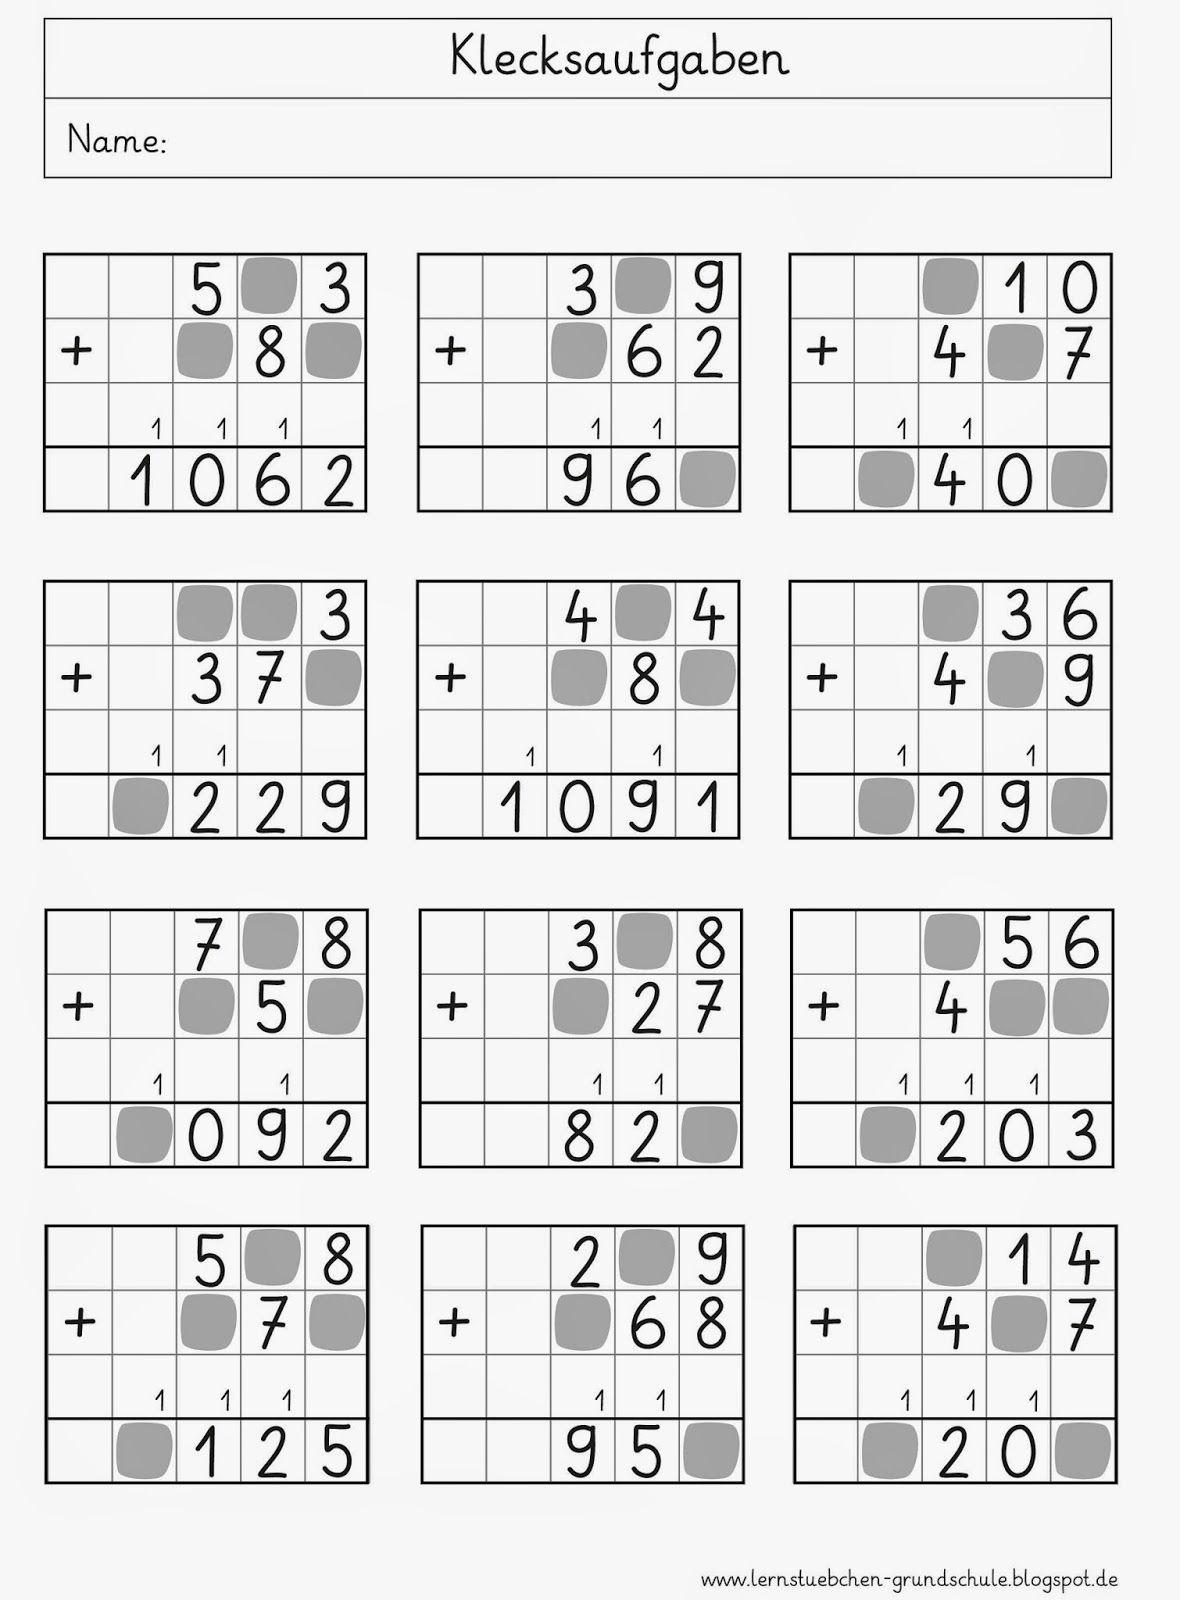 Klecksaufgaben (Lernstübchen) | Mathe, Schule und Mathematik